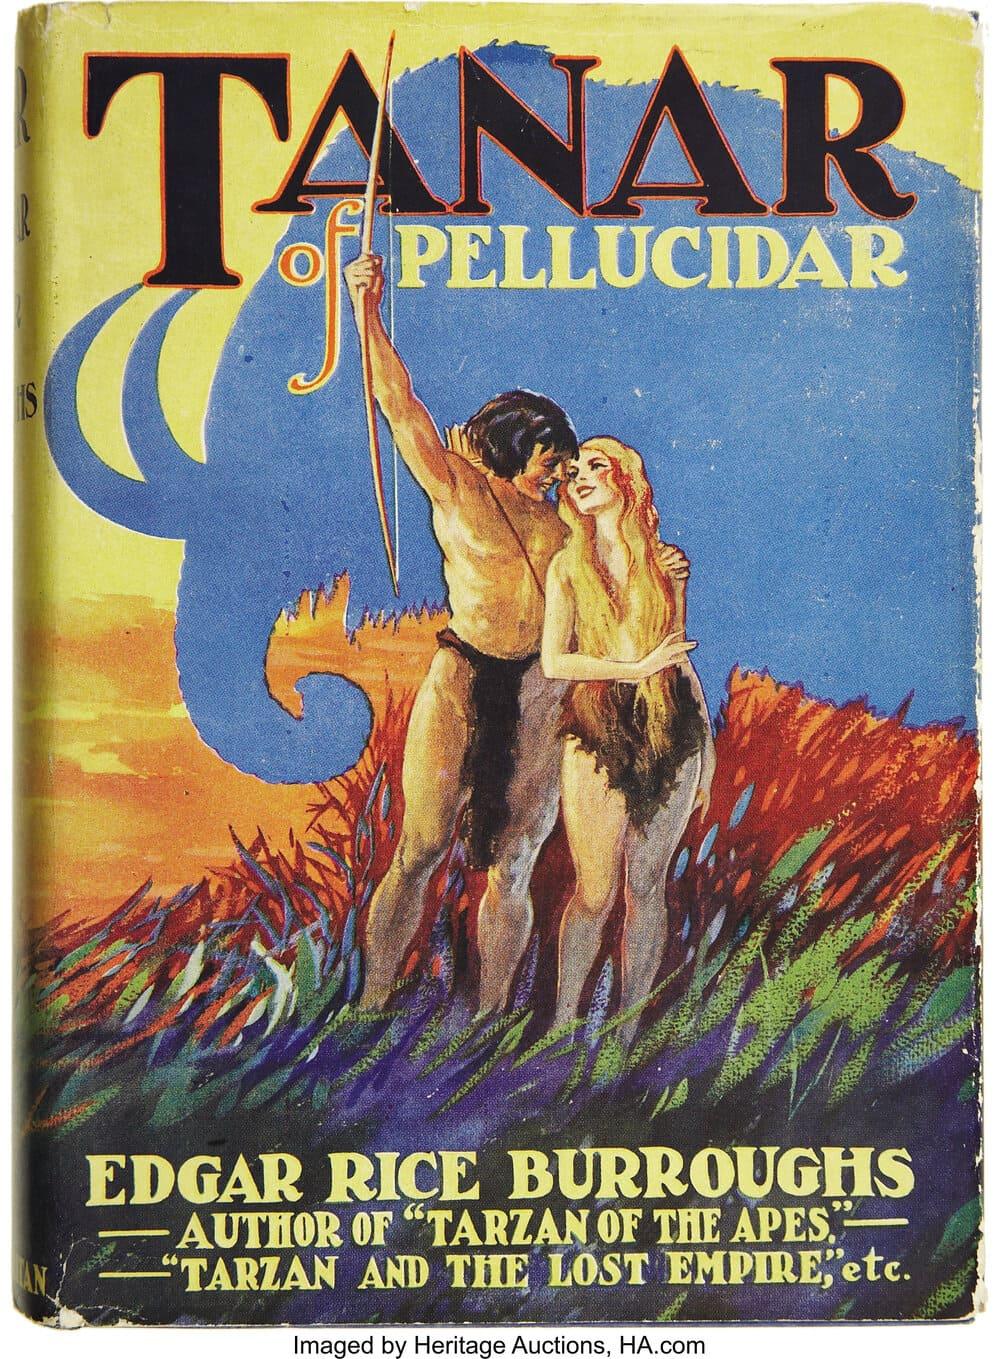 Edgar Rice Burroughs. Tanar of Pellucidar. New York: Metropolitan Books [1930]. Portada de Paul F. Berdanier